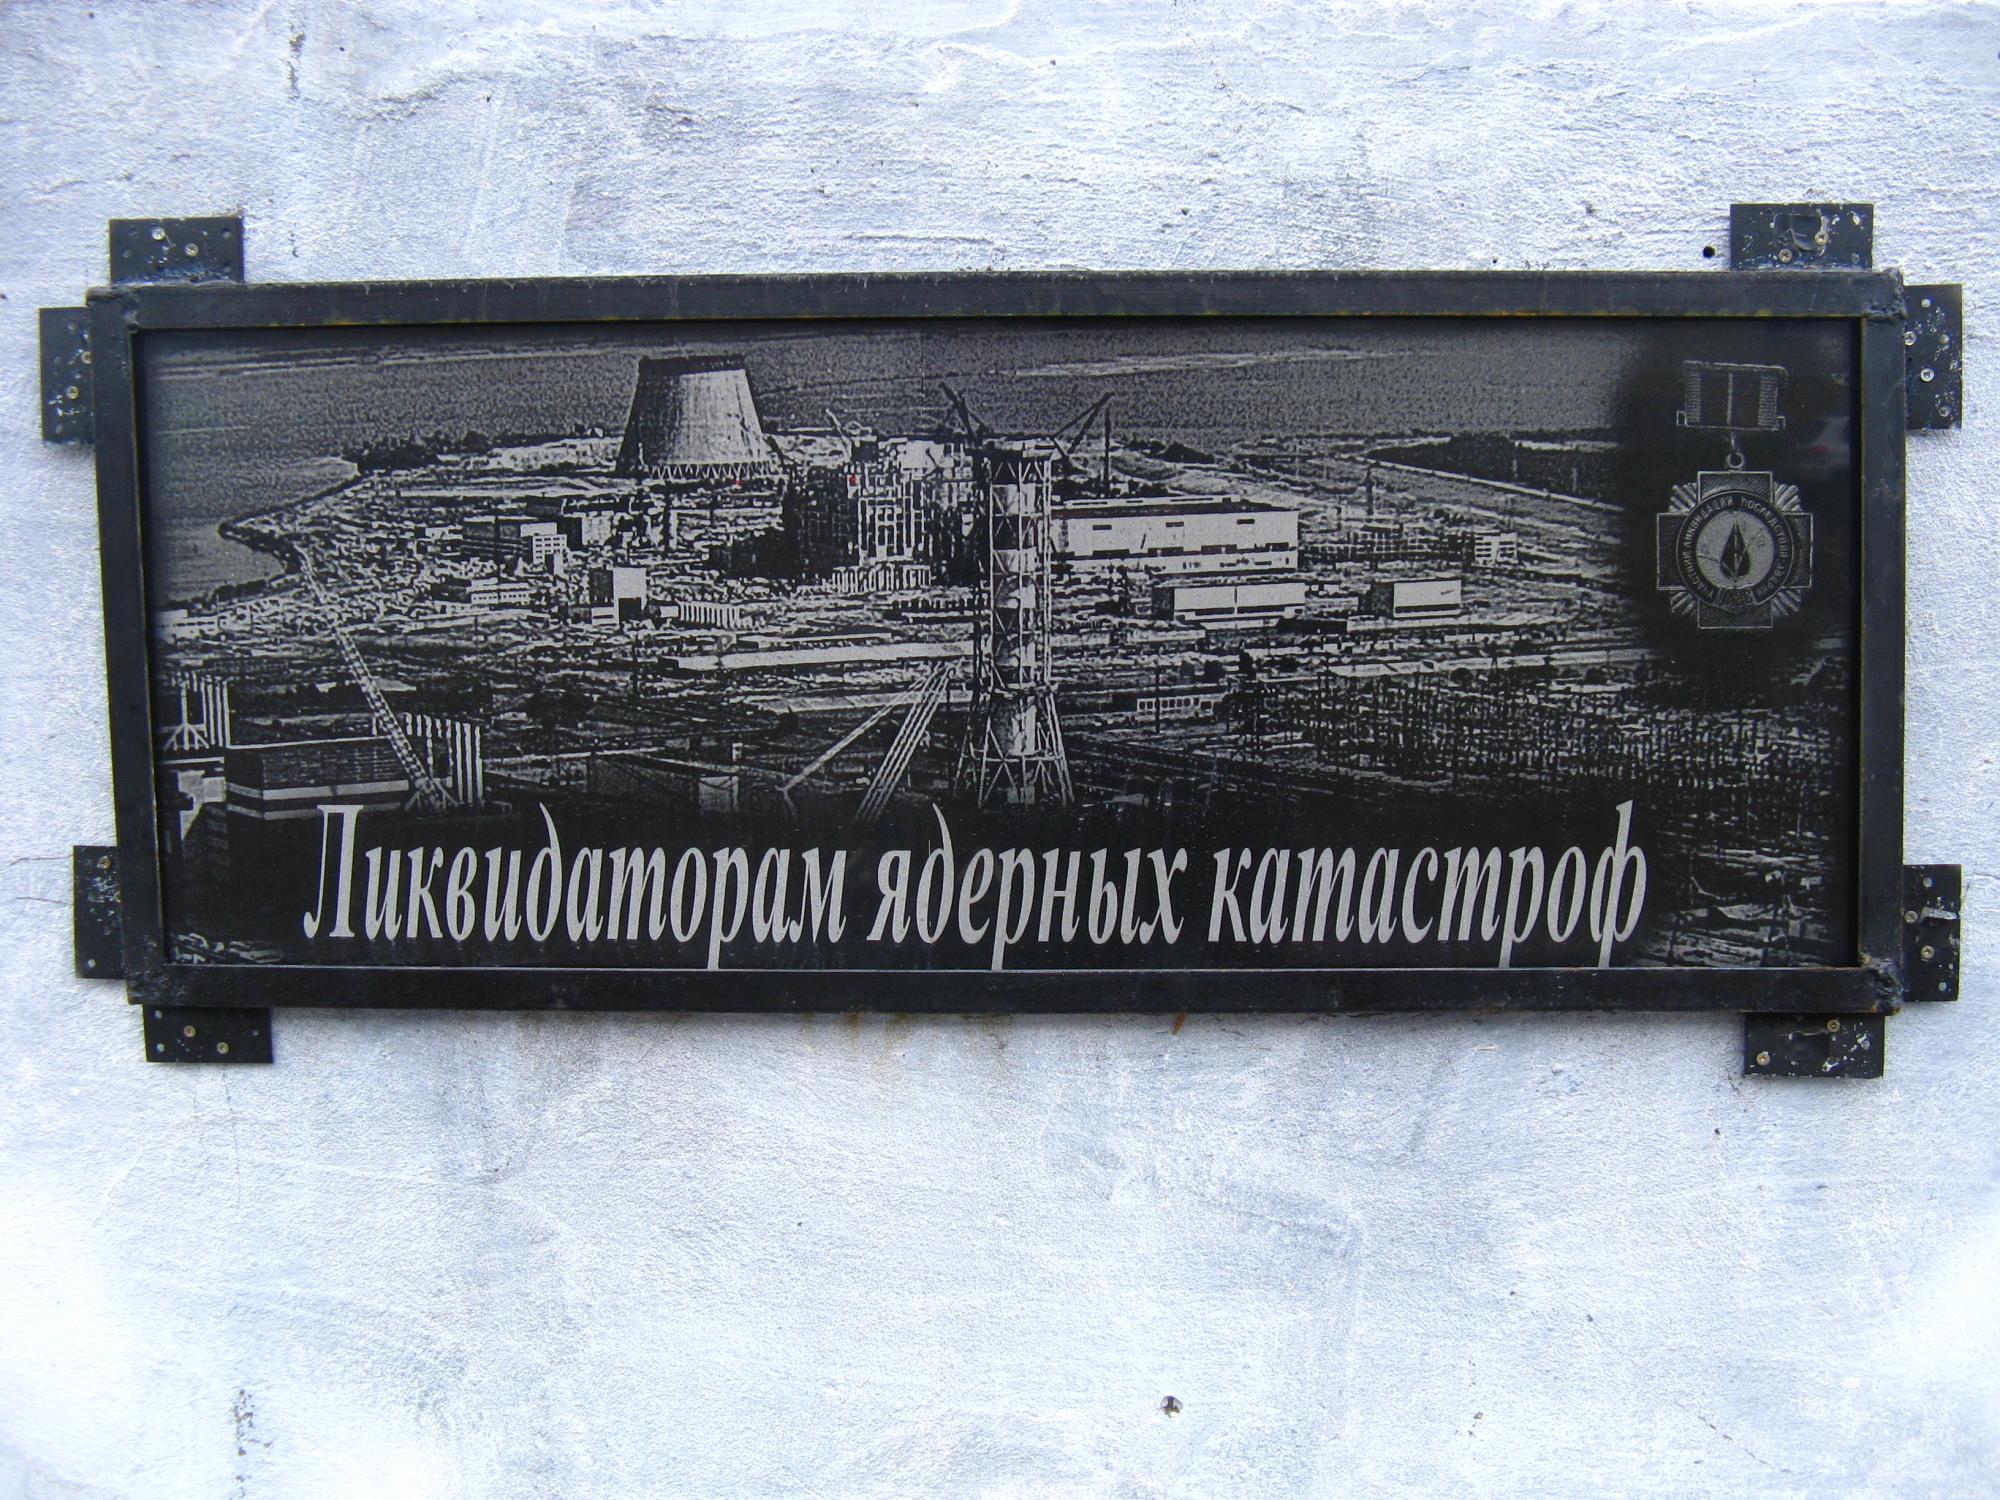 Мемориал «Ликвидаторам атомных катастроф» в Качканаре. До памятника на этом месте была памятная табличка. Фотография Удинцевой Татьяны Андреевны